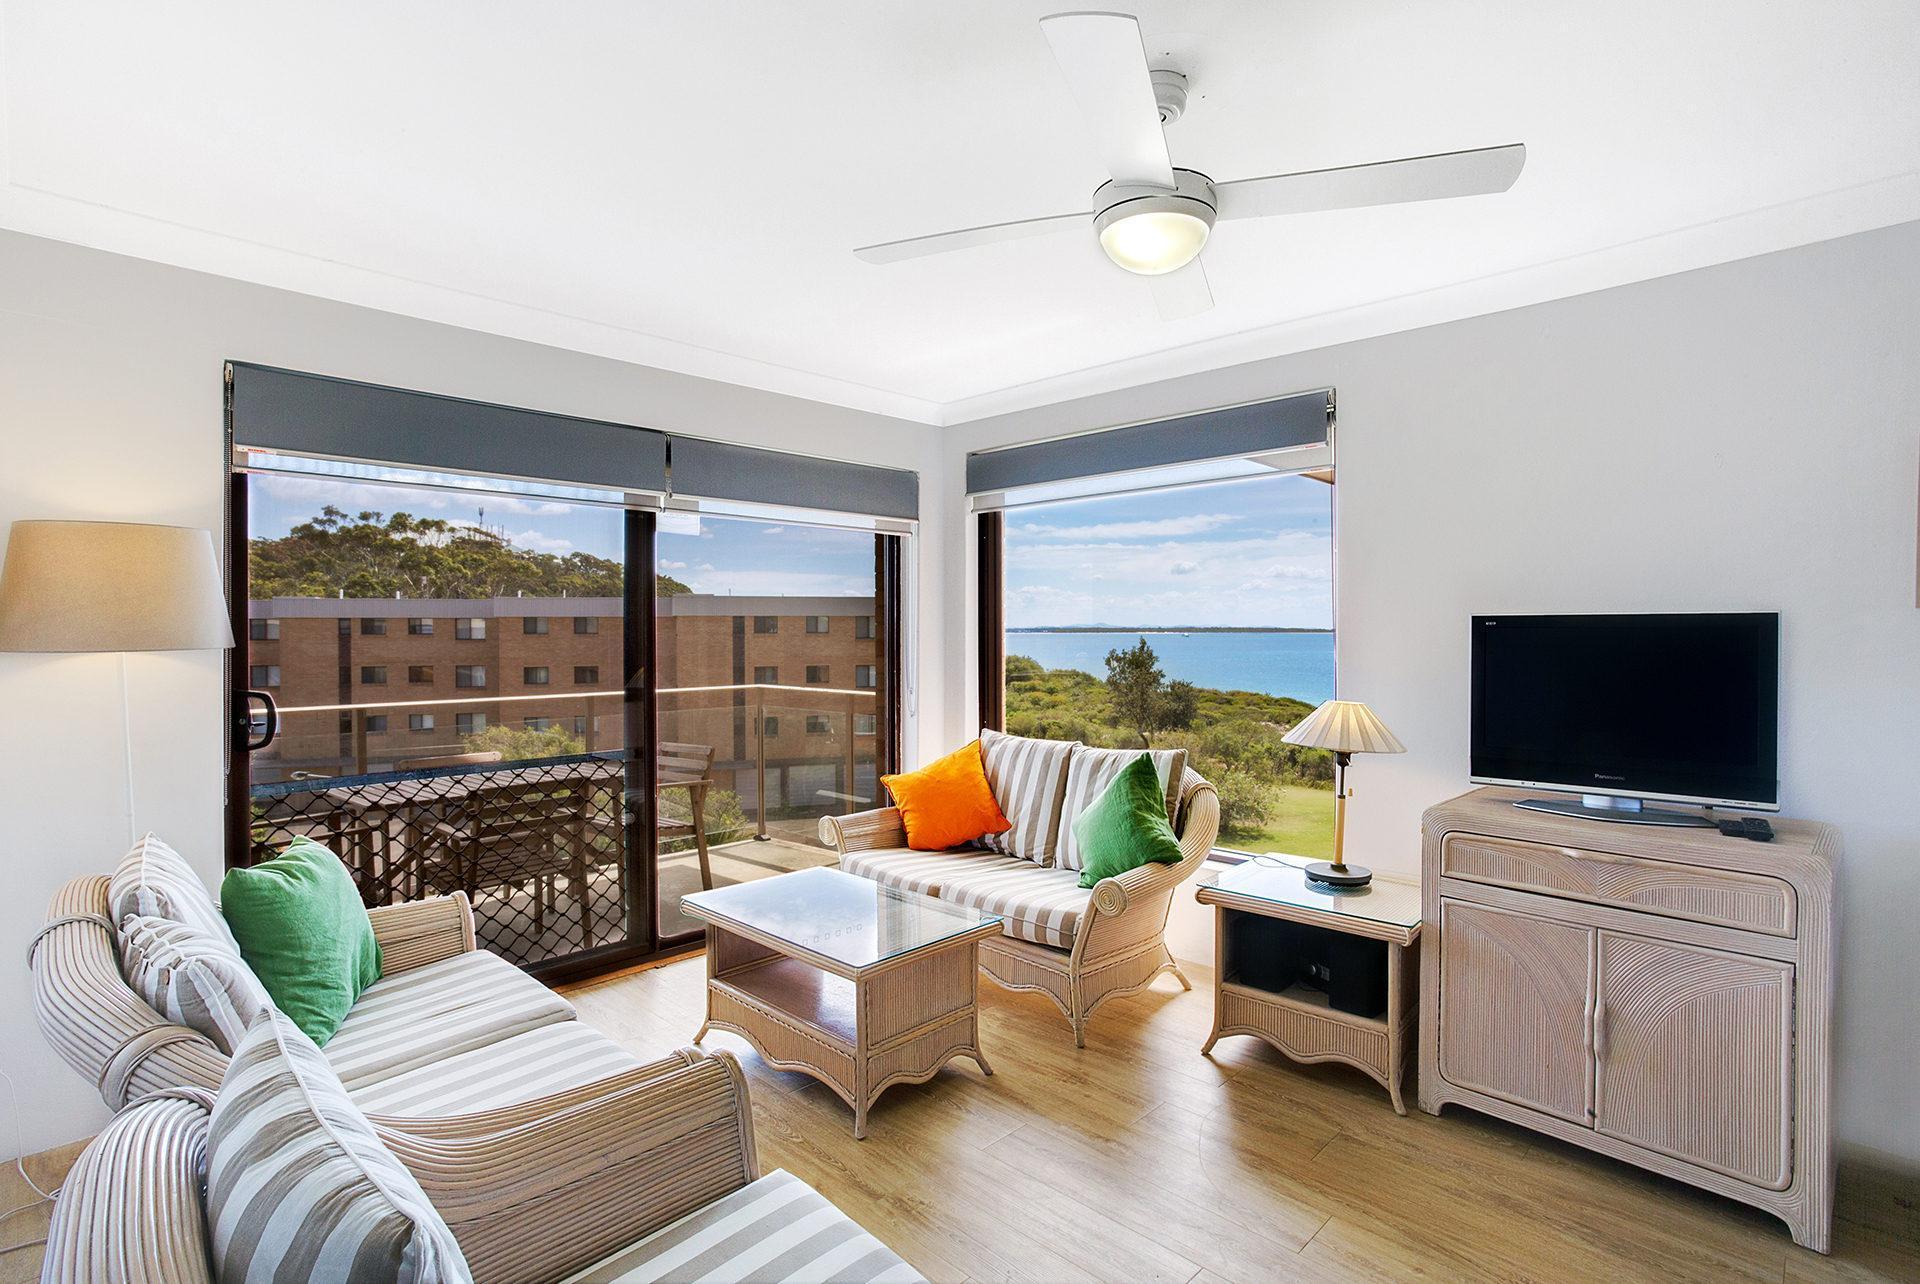 2 Bedroom Apartment  Promenade Intrepid Close